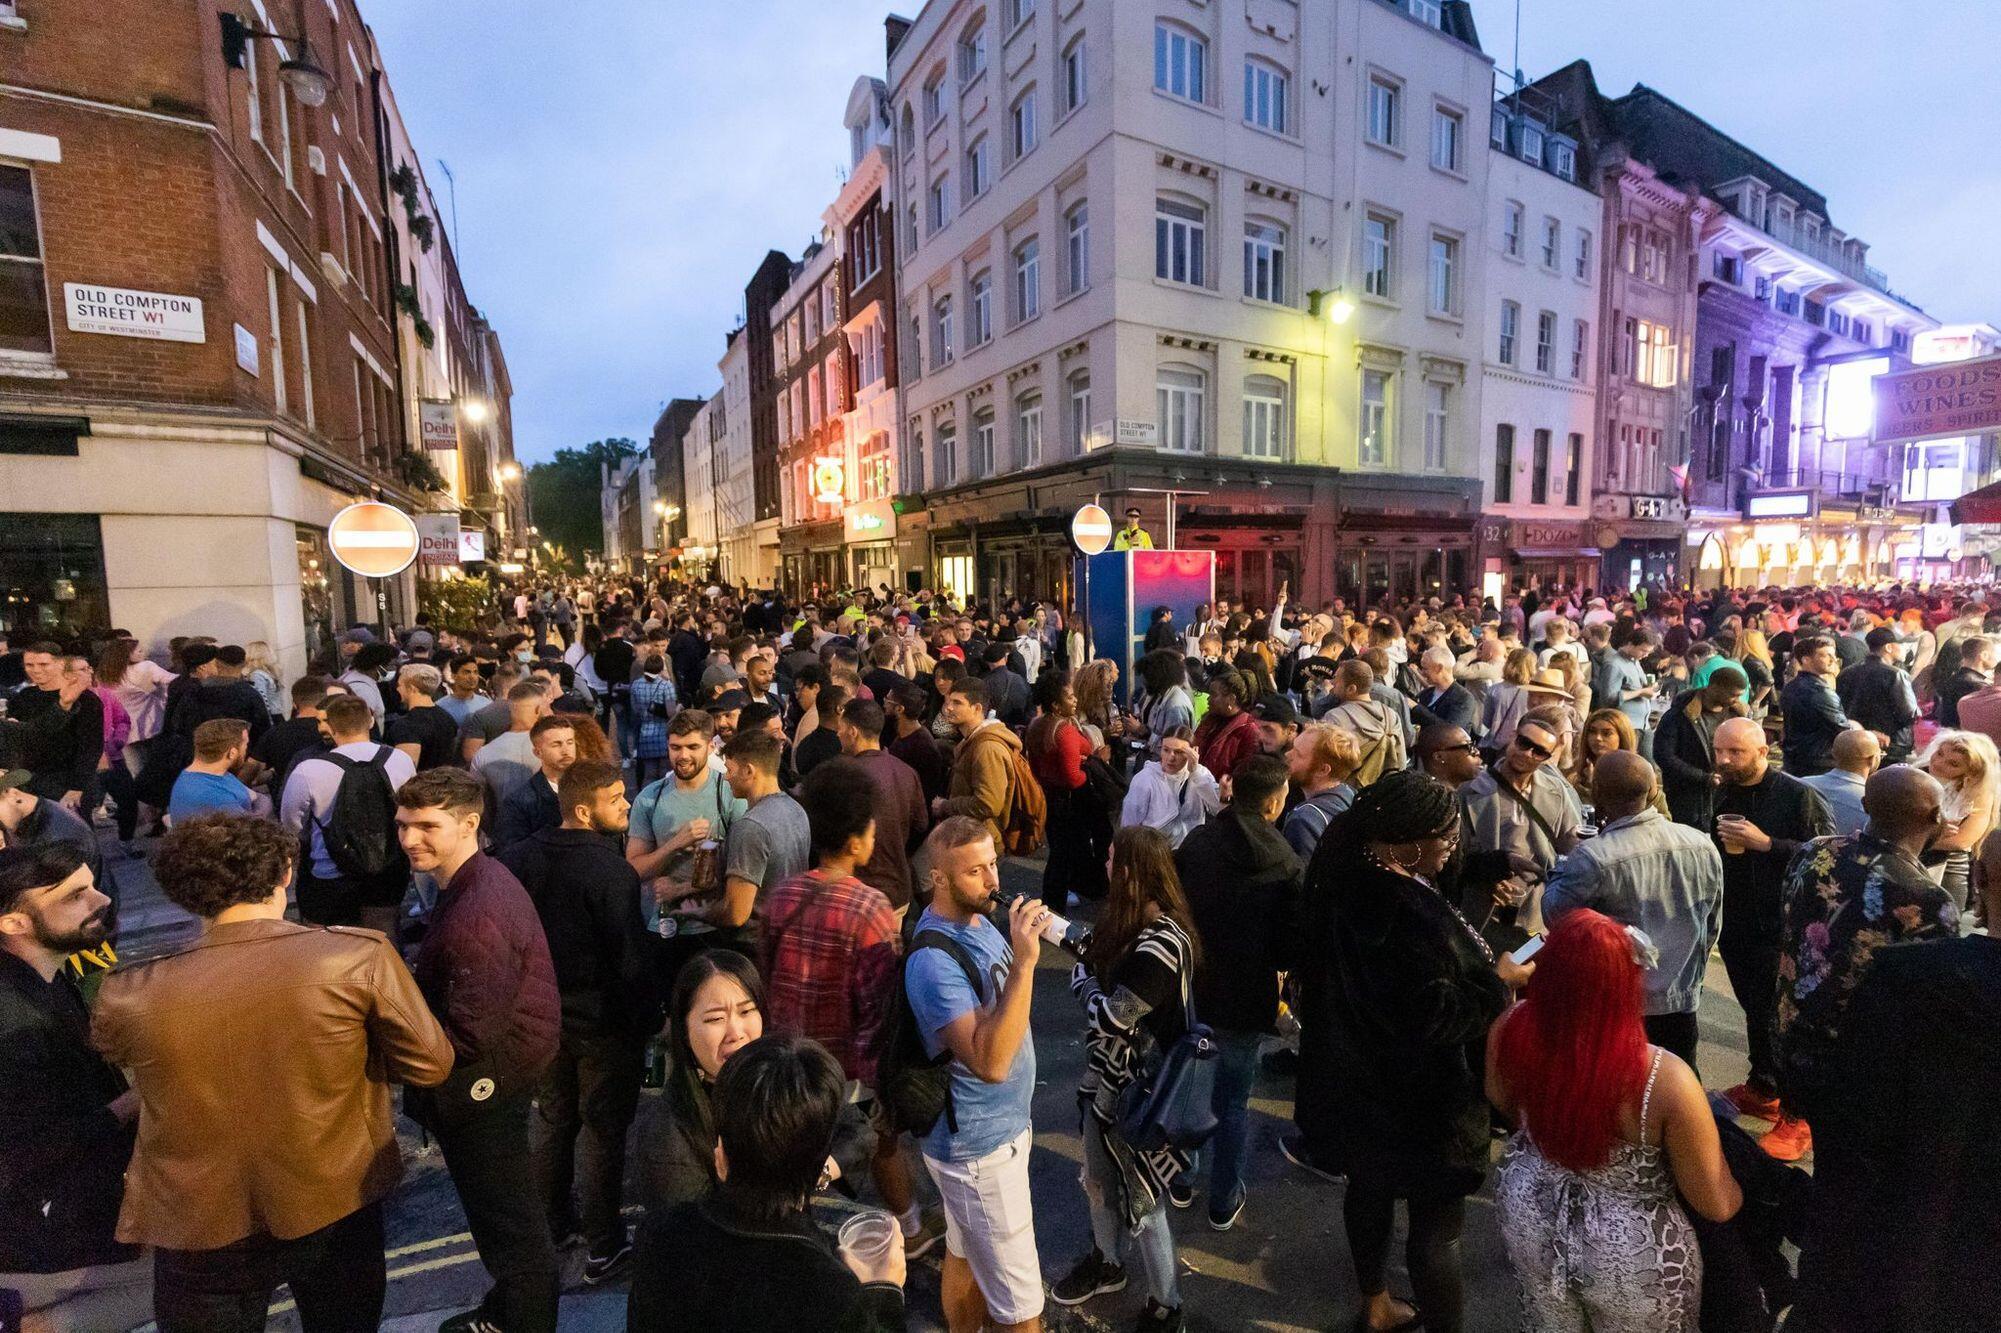 La foule a envahi les rues de Soho samedi, jour de la réouverture des bars et restaurants au Royaume-Uni. Encouragée à sortir par le gouvernement, pour aider le secteur des services.